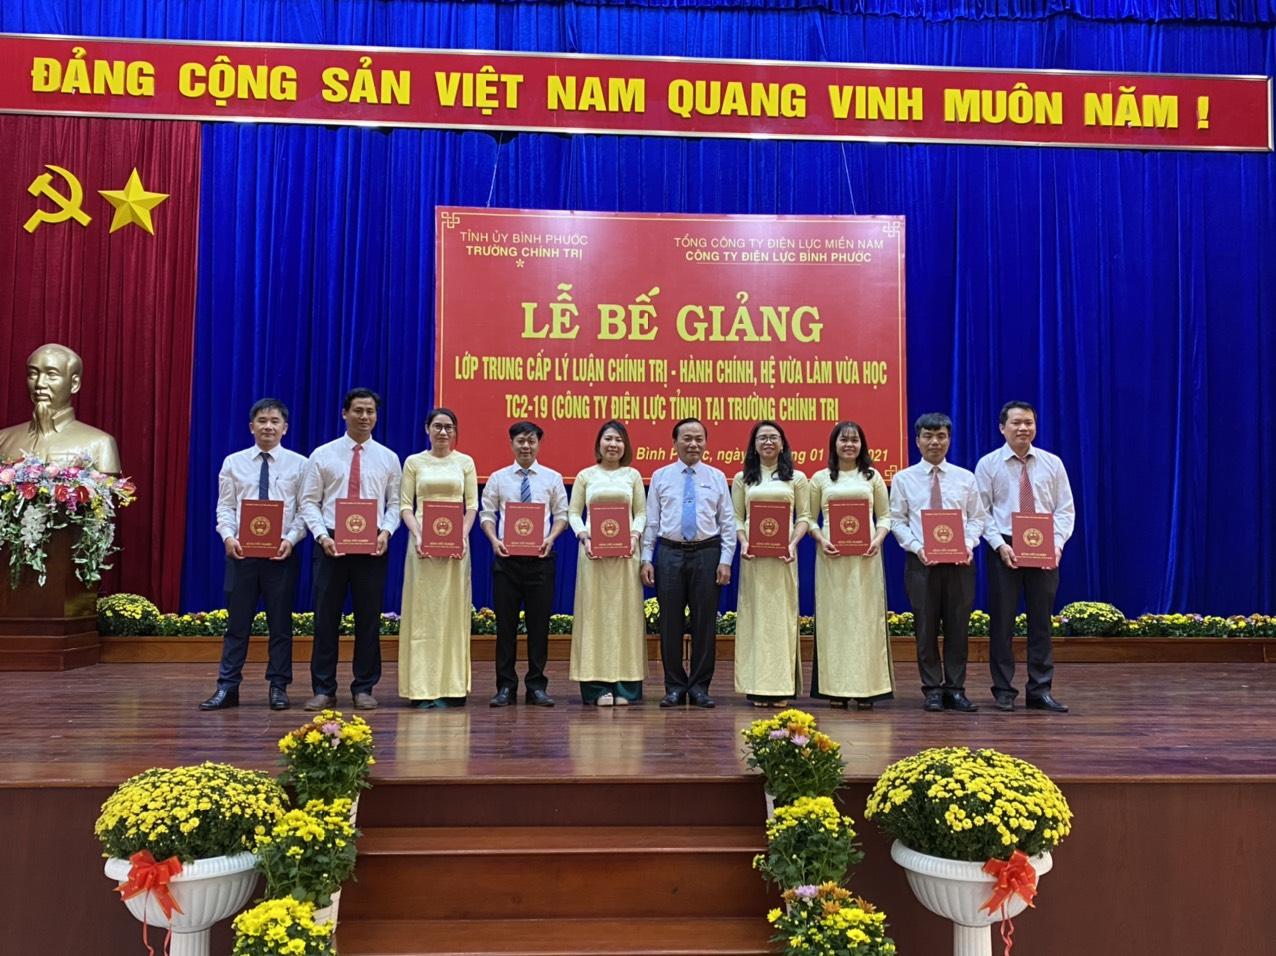 Đ/c Đỗ Văn Hờn – Giám đốc Công ty điện lực tỉnh trao bằng tốt nghiệp Trung cấp LLCT-HC cho các anh, chị học viên